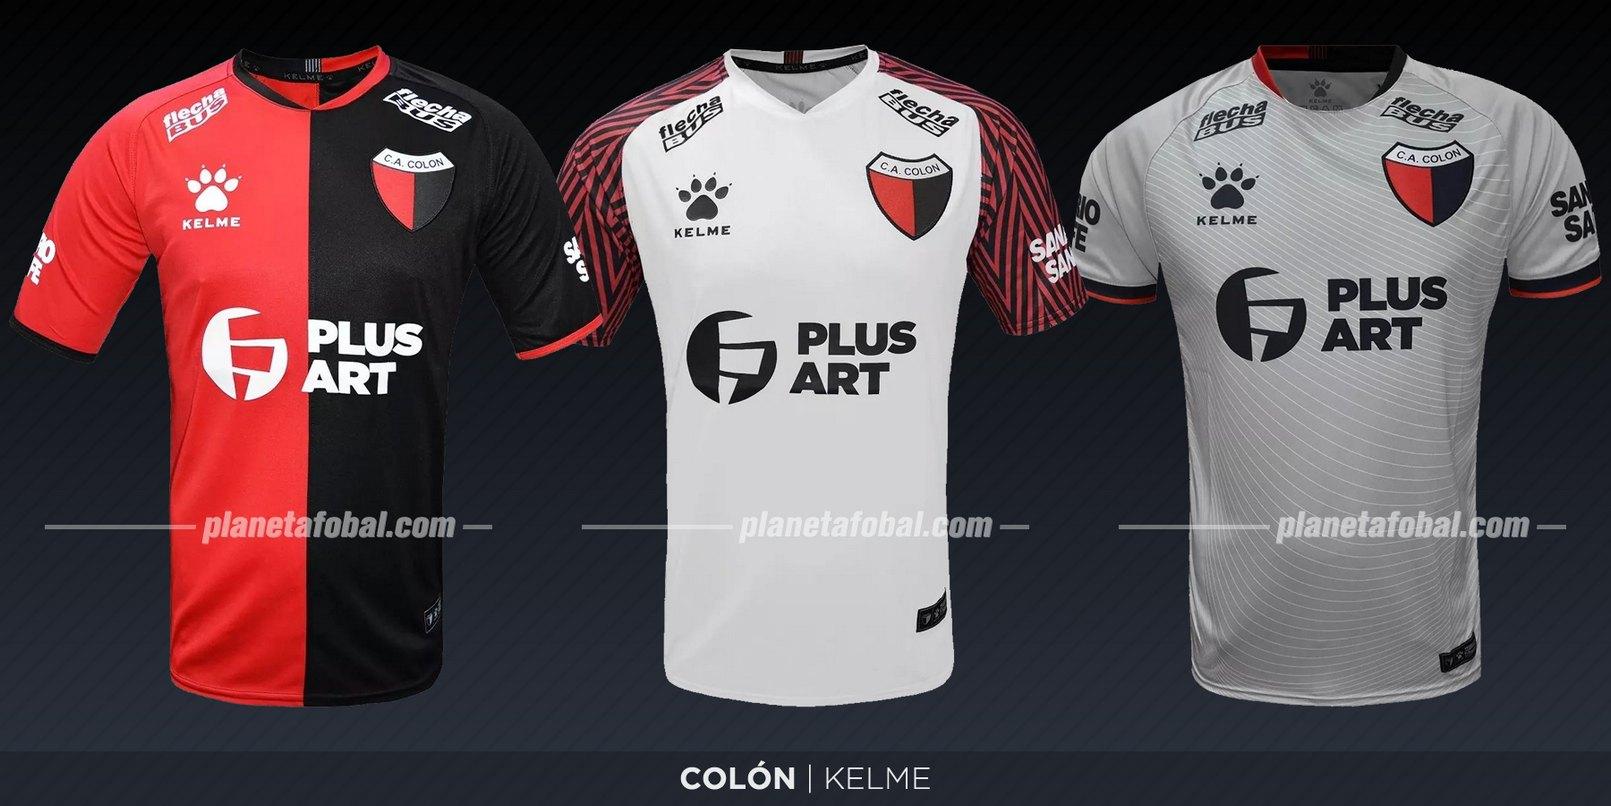 Colón (Kelme) | Camisetas de la Superliga 2019/2020